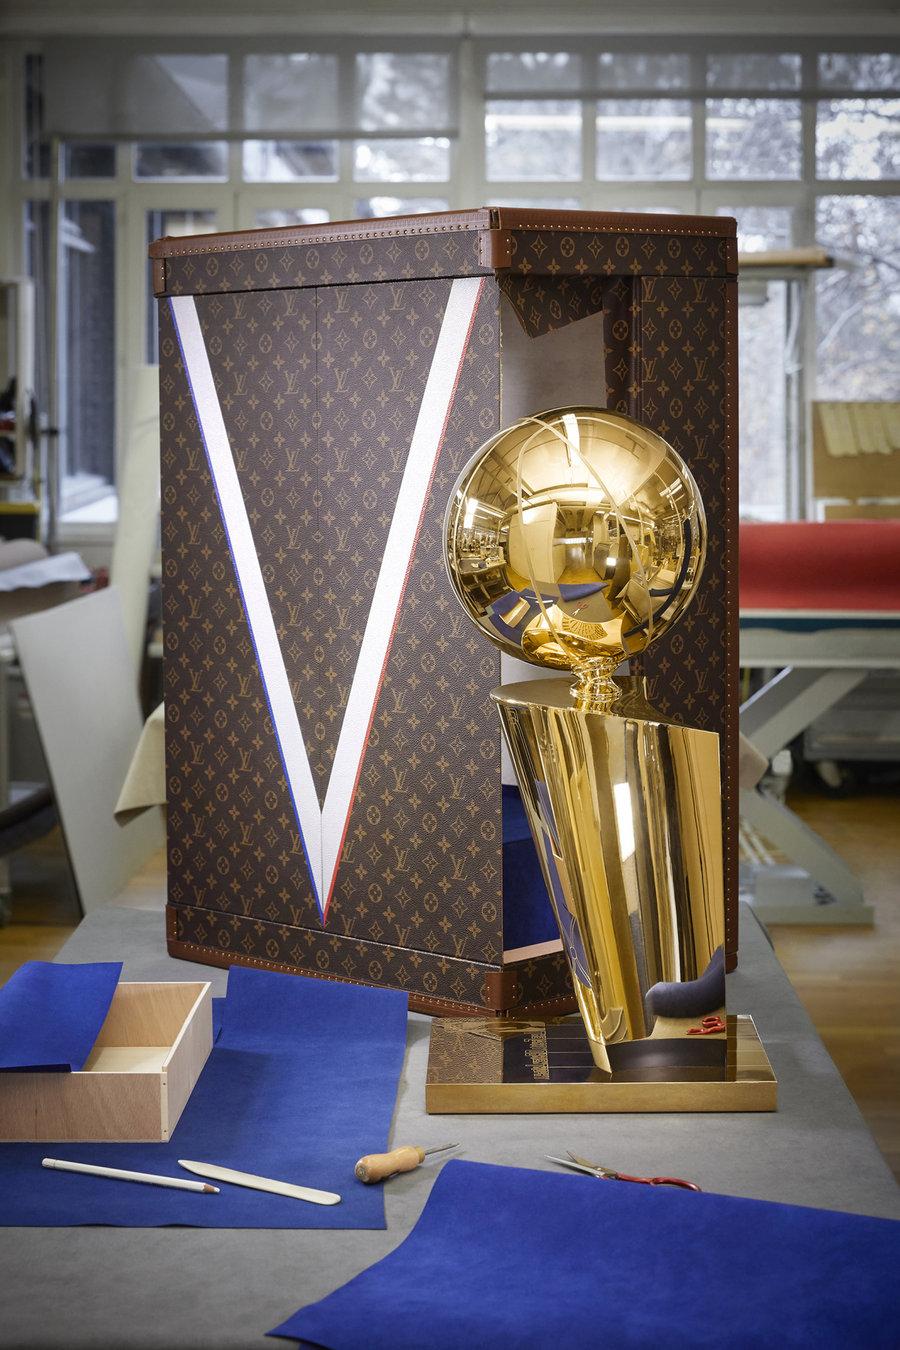 Louis Vuitton,NBA  LV 与 NBA 联名合作!奢华满钻项链曝光,还有总冠军奖杯箱!